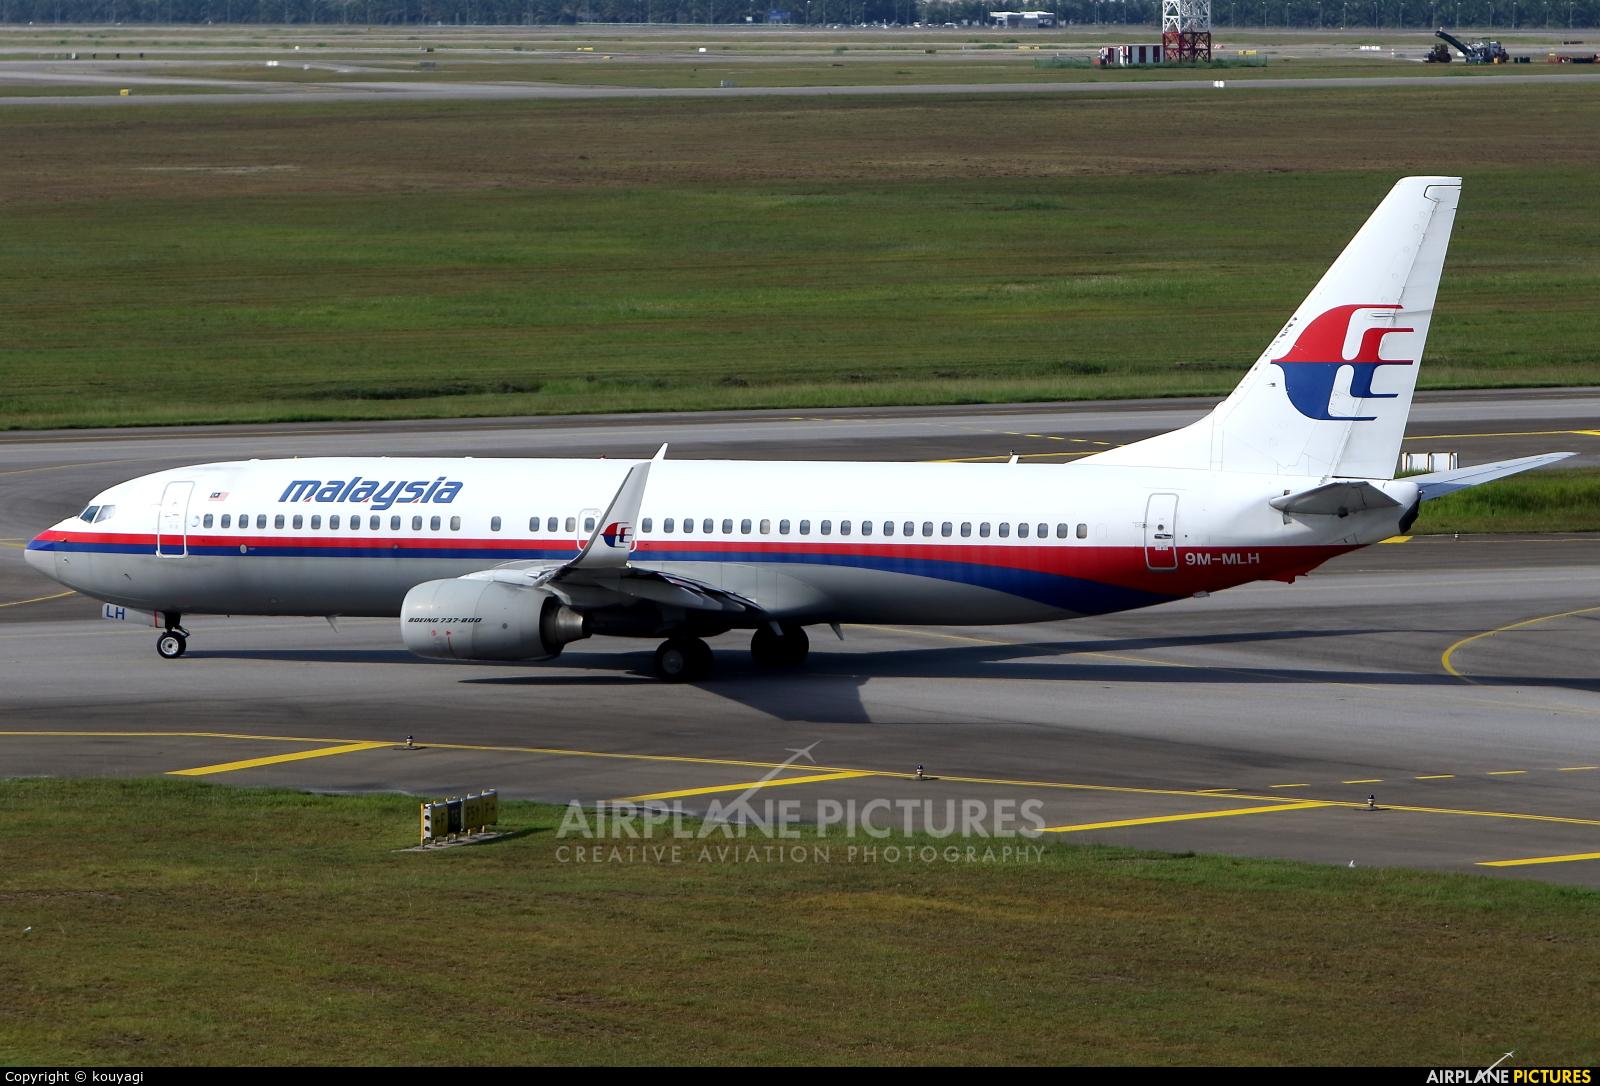 Malaysia Airlines 9M-MLH aircraft at Kuala Lumpur Intl